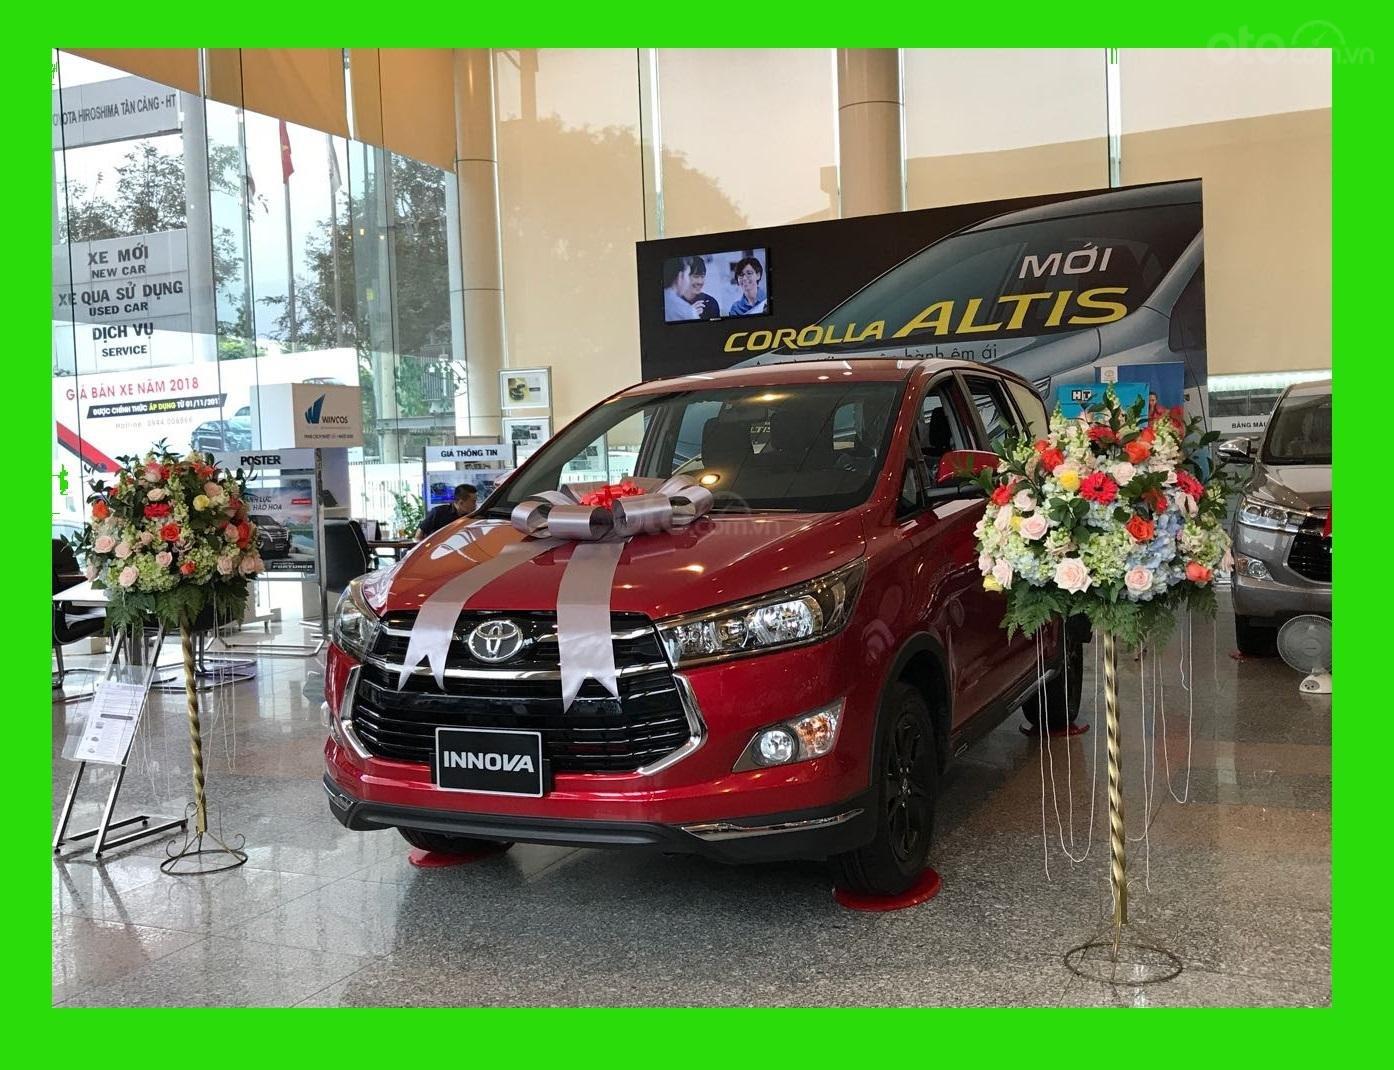 """Toyota Tân Cảng- Ưu đãi xe Innova 2.0 Venturer """"Duy nhất trong tuần giảm 30tr tiền mặt, tặng thêm phụ kiện""""-0933000600-0"""